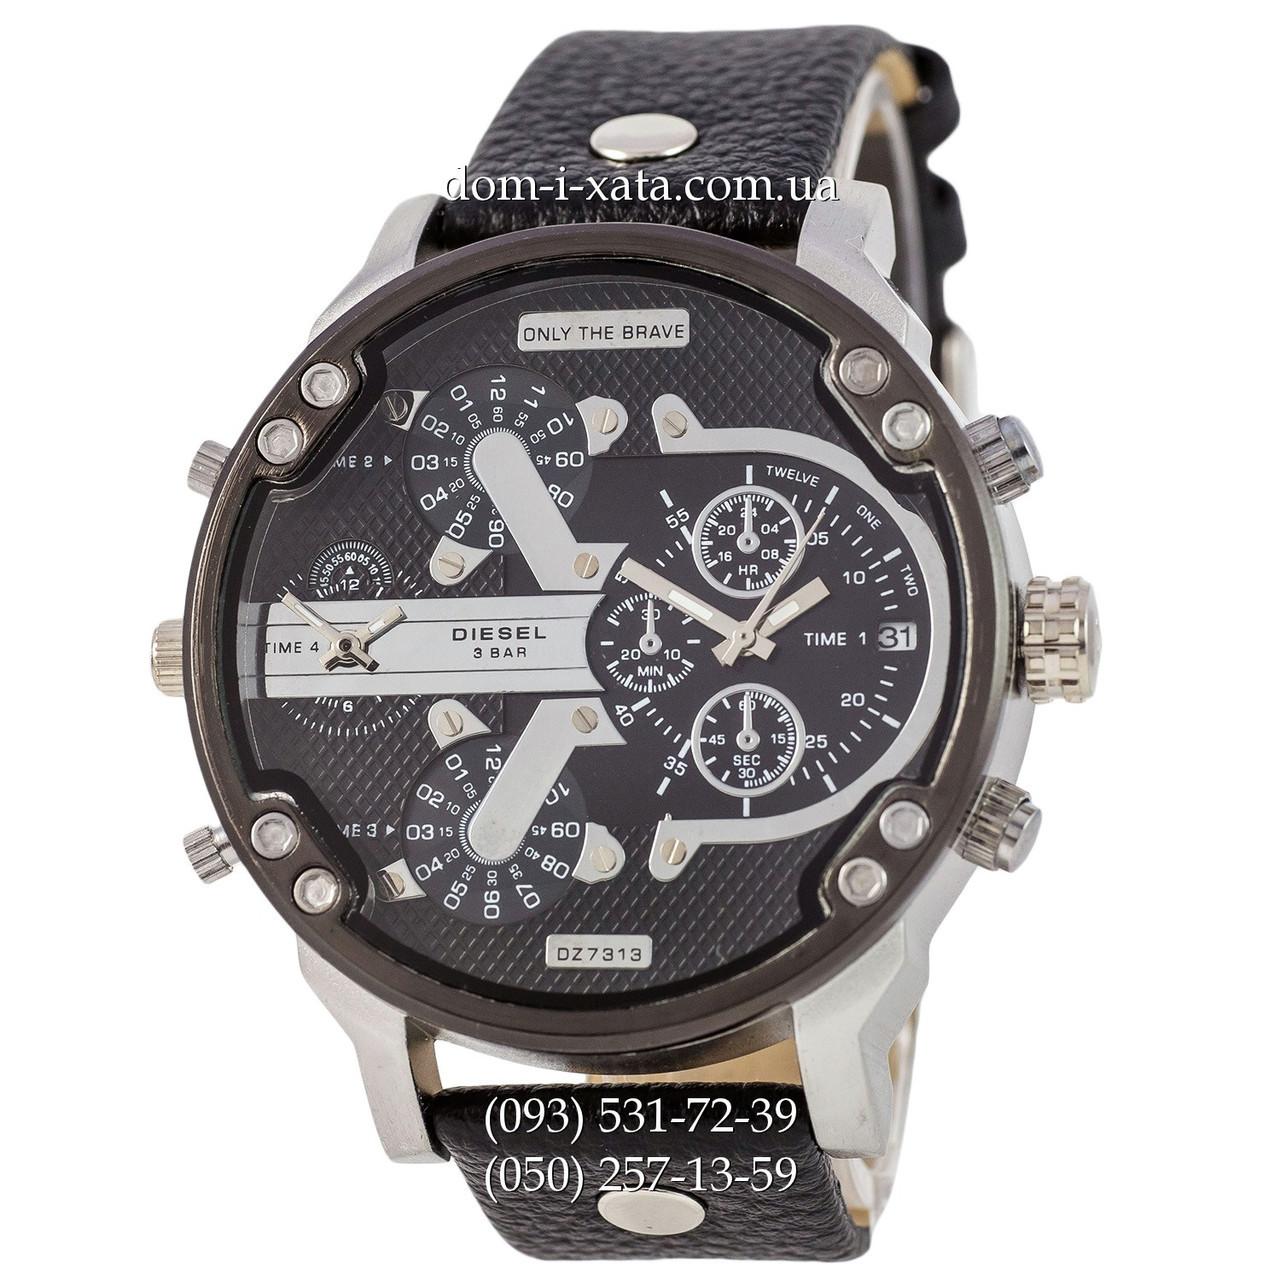 Мужские часы Diesel DZ7314 Black-Silver-Black, кварцевые, элитные часы Дизель Брейв, кожаный ремешек, реплика отличное качество!